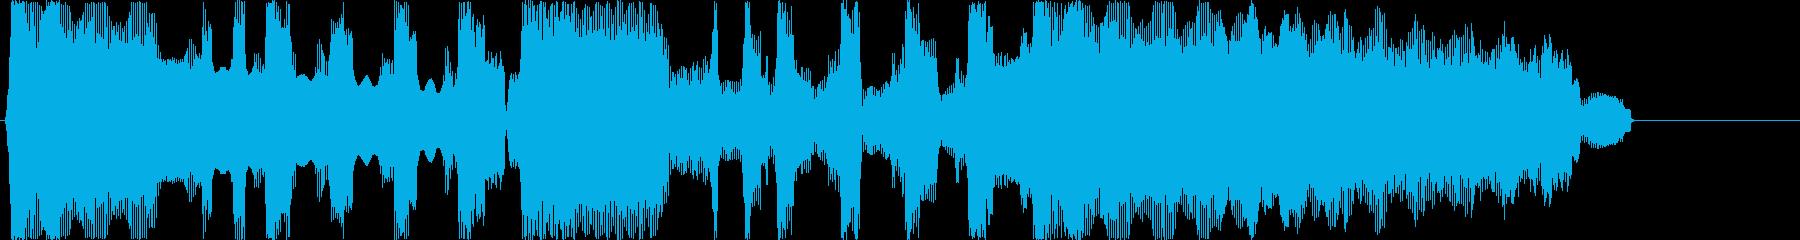 ゲームクリアのジングルですの再生済みの波形